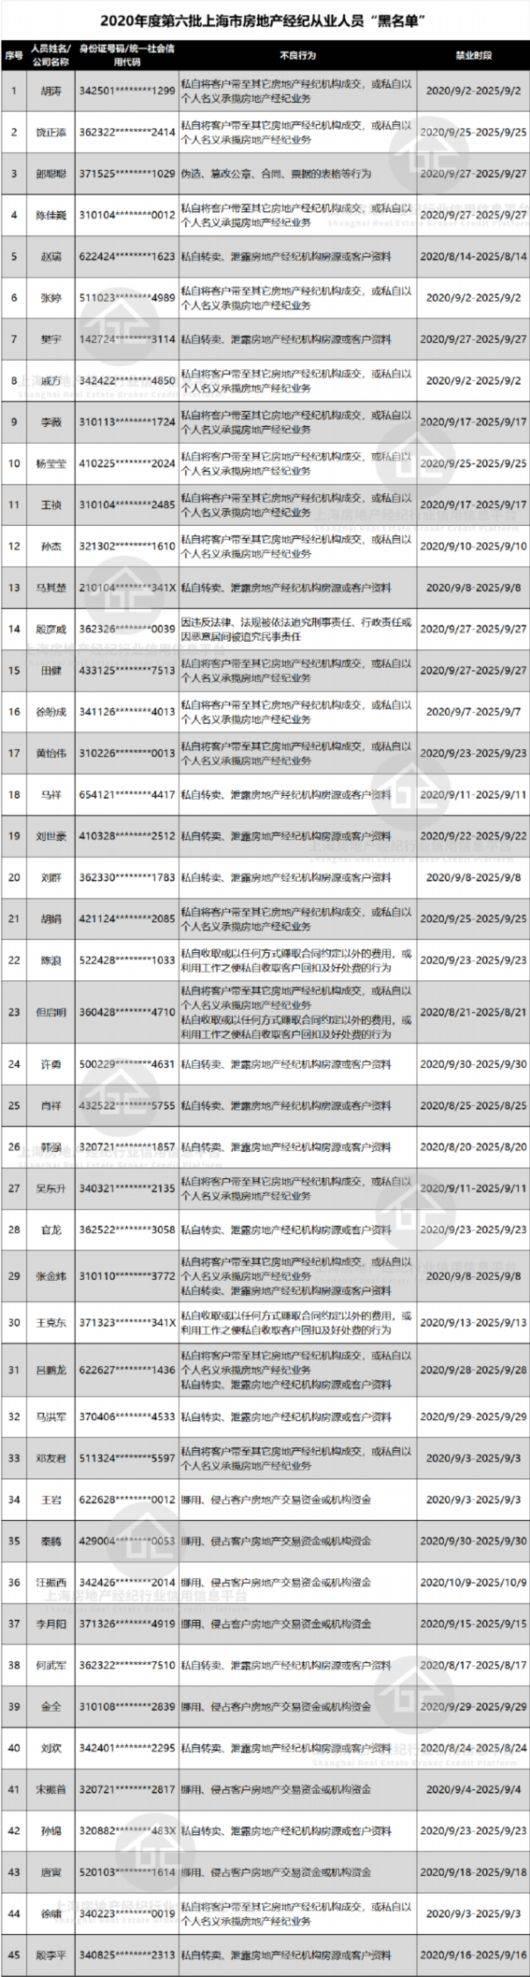 """又一批上海房地产经纪从业人员""""黑名单""""公示,共45人"""